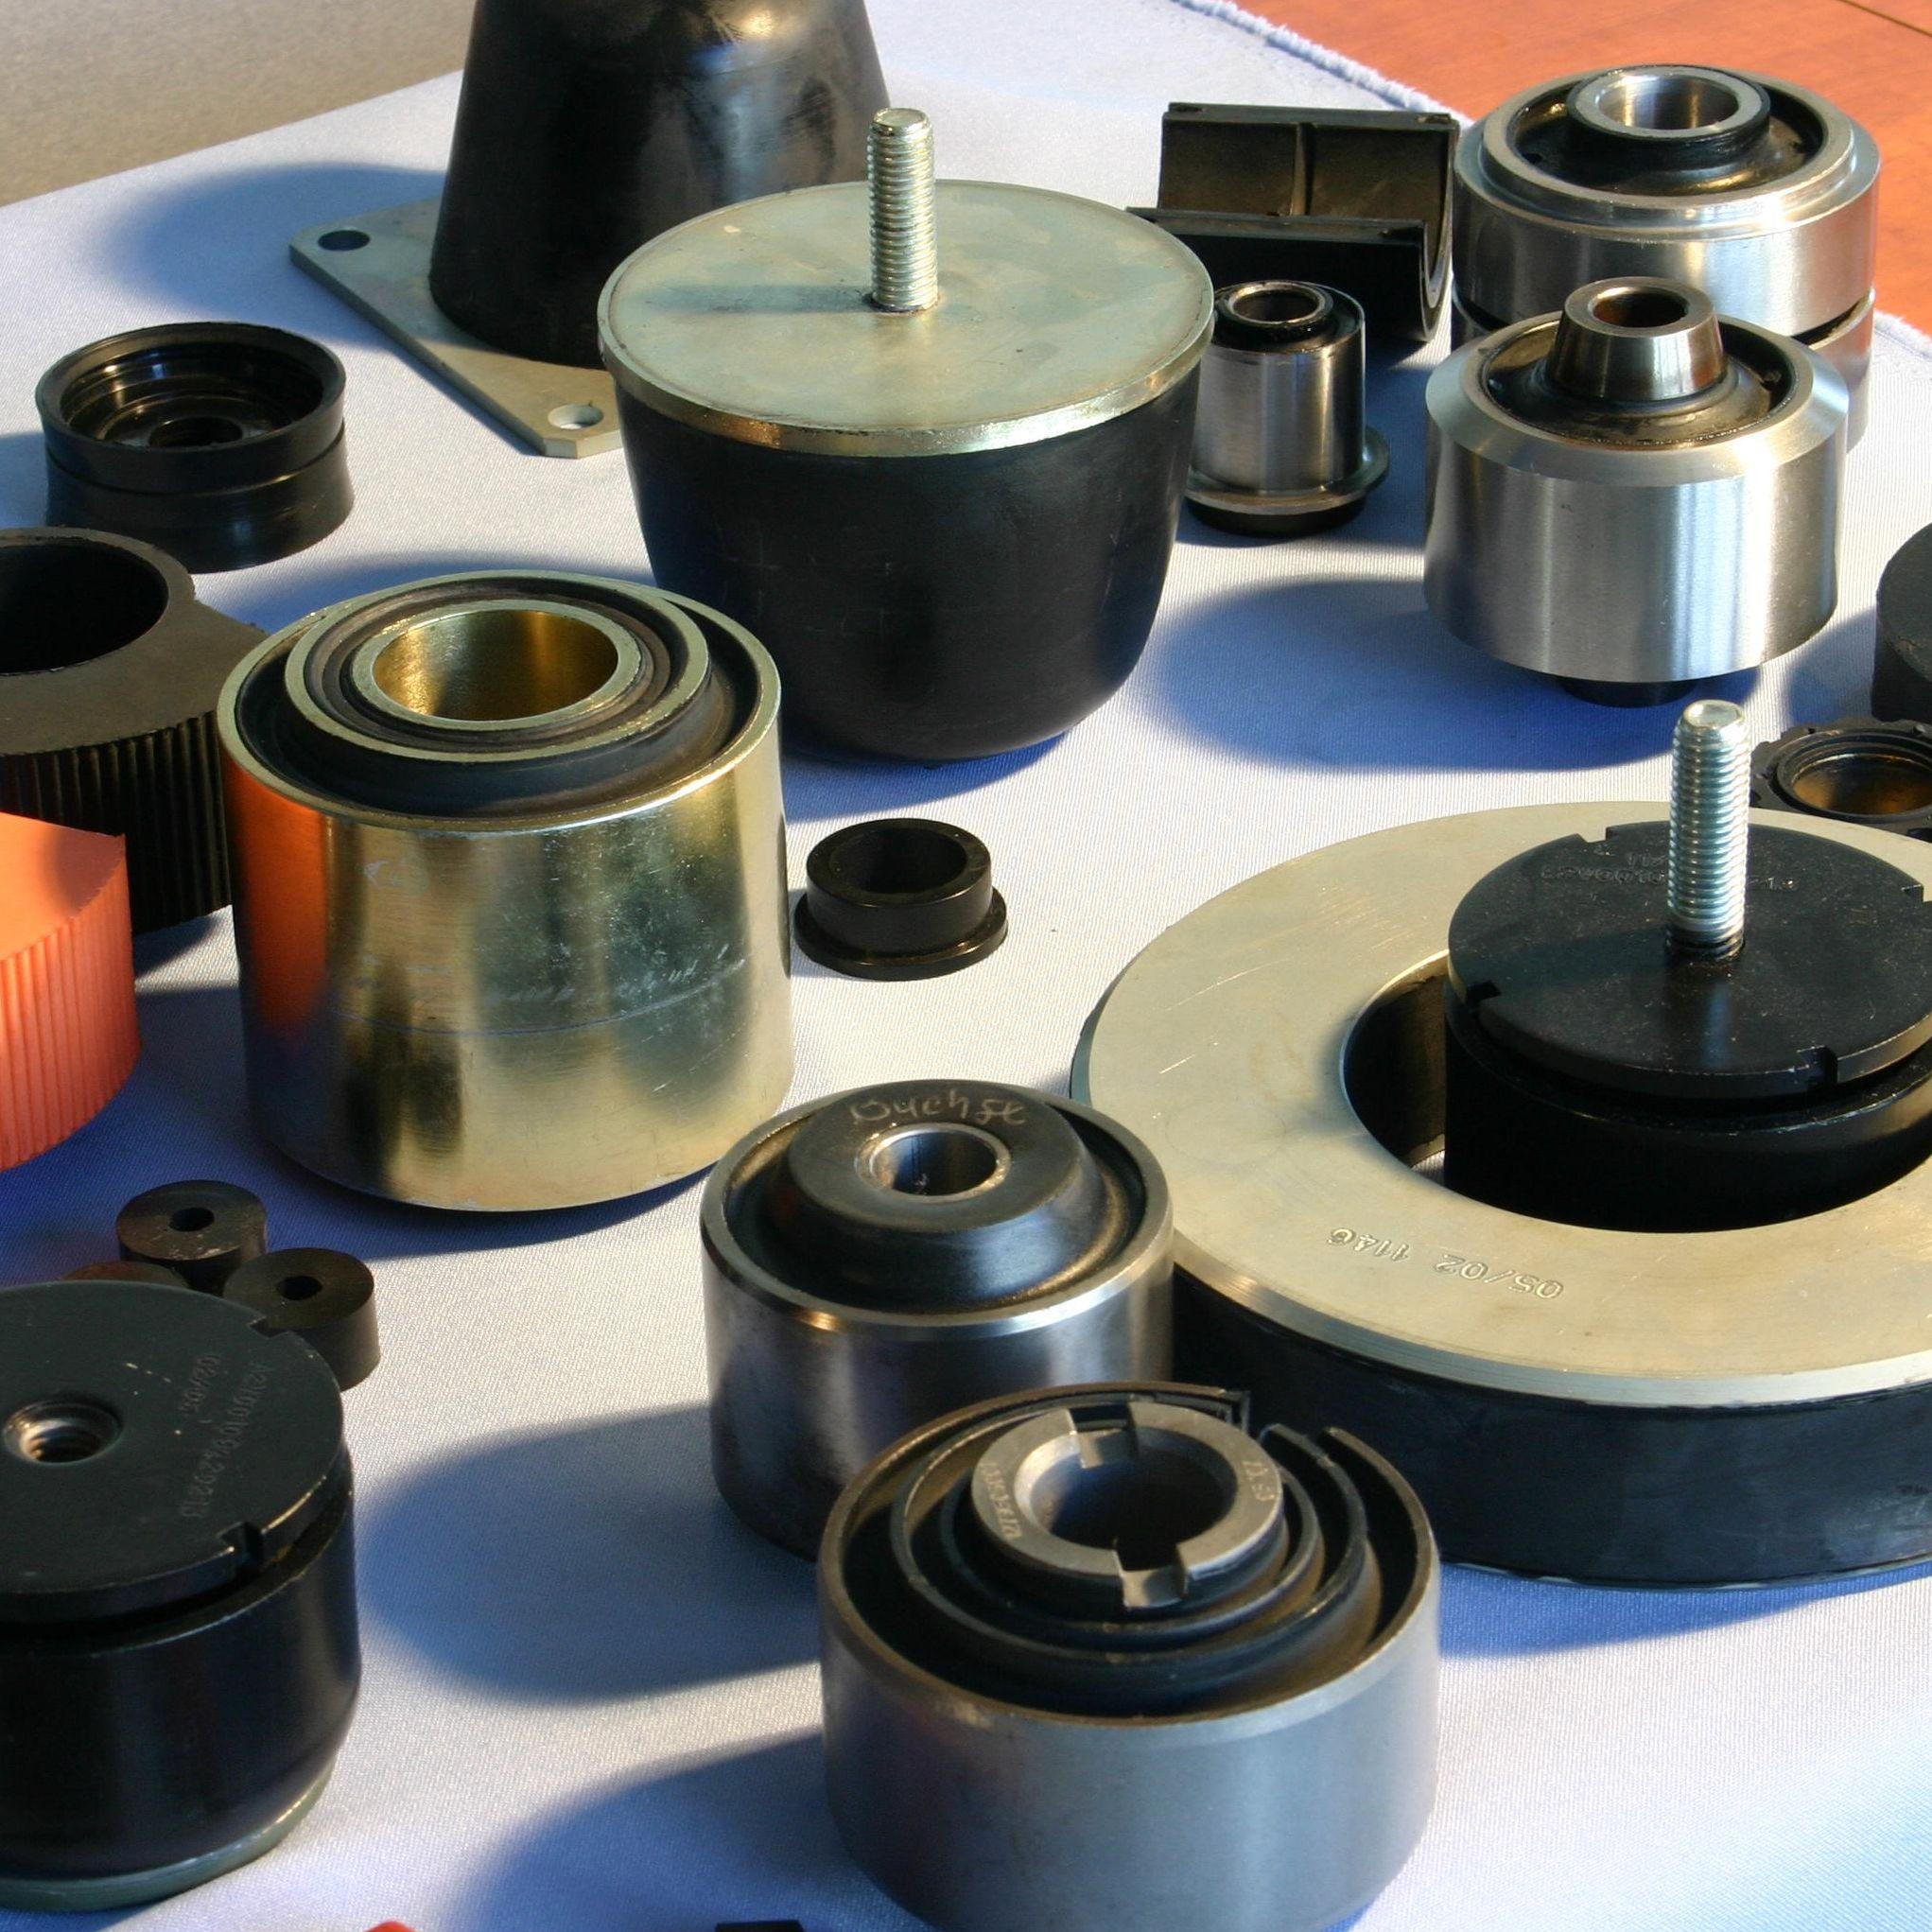 Informatie rubber metaalverbindingen zoals trillingdempers